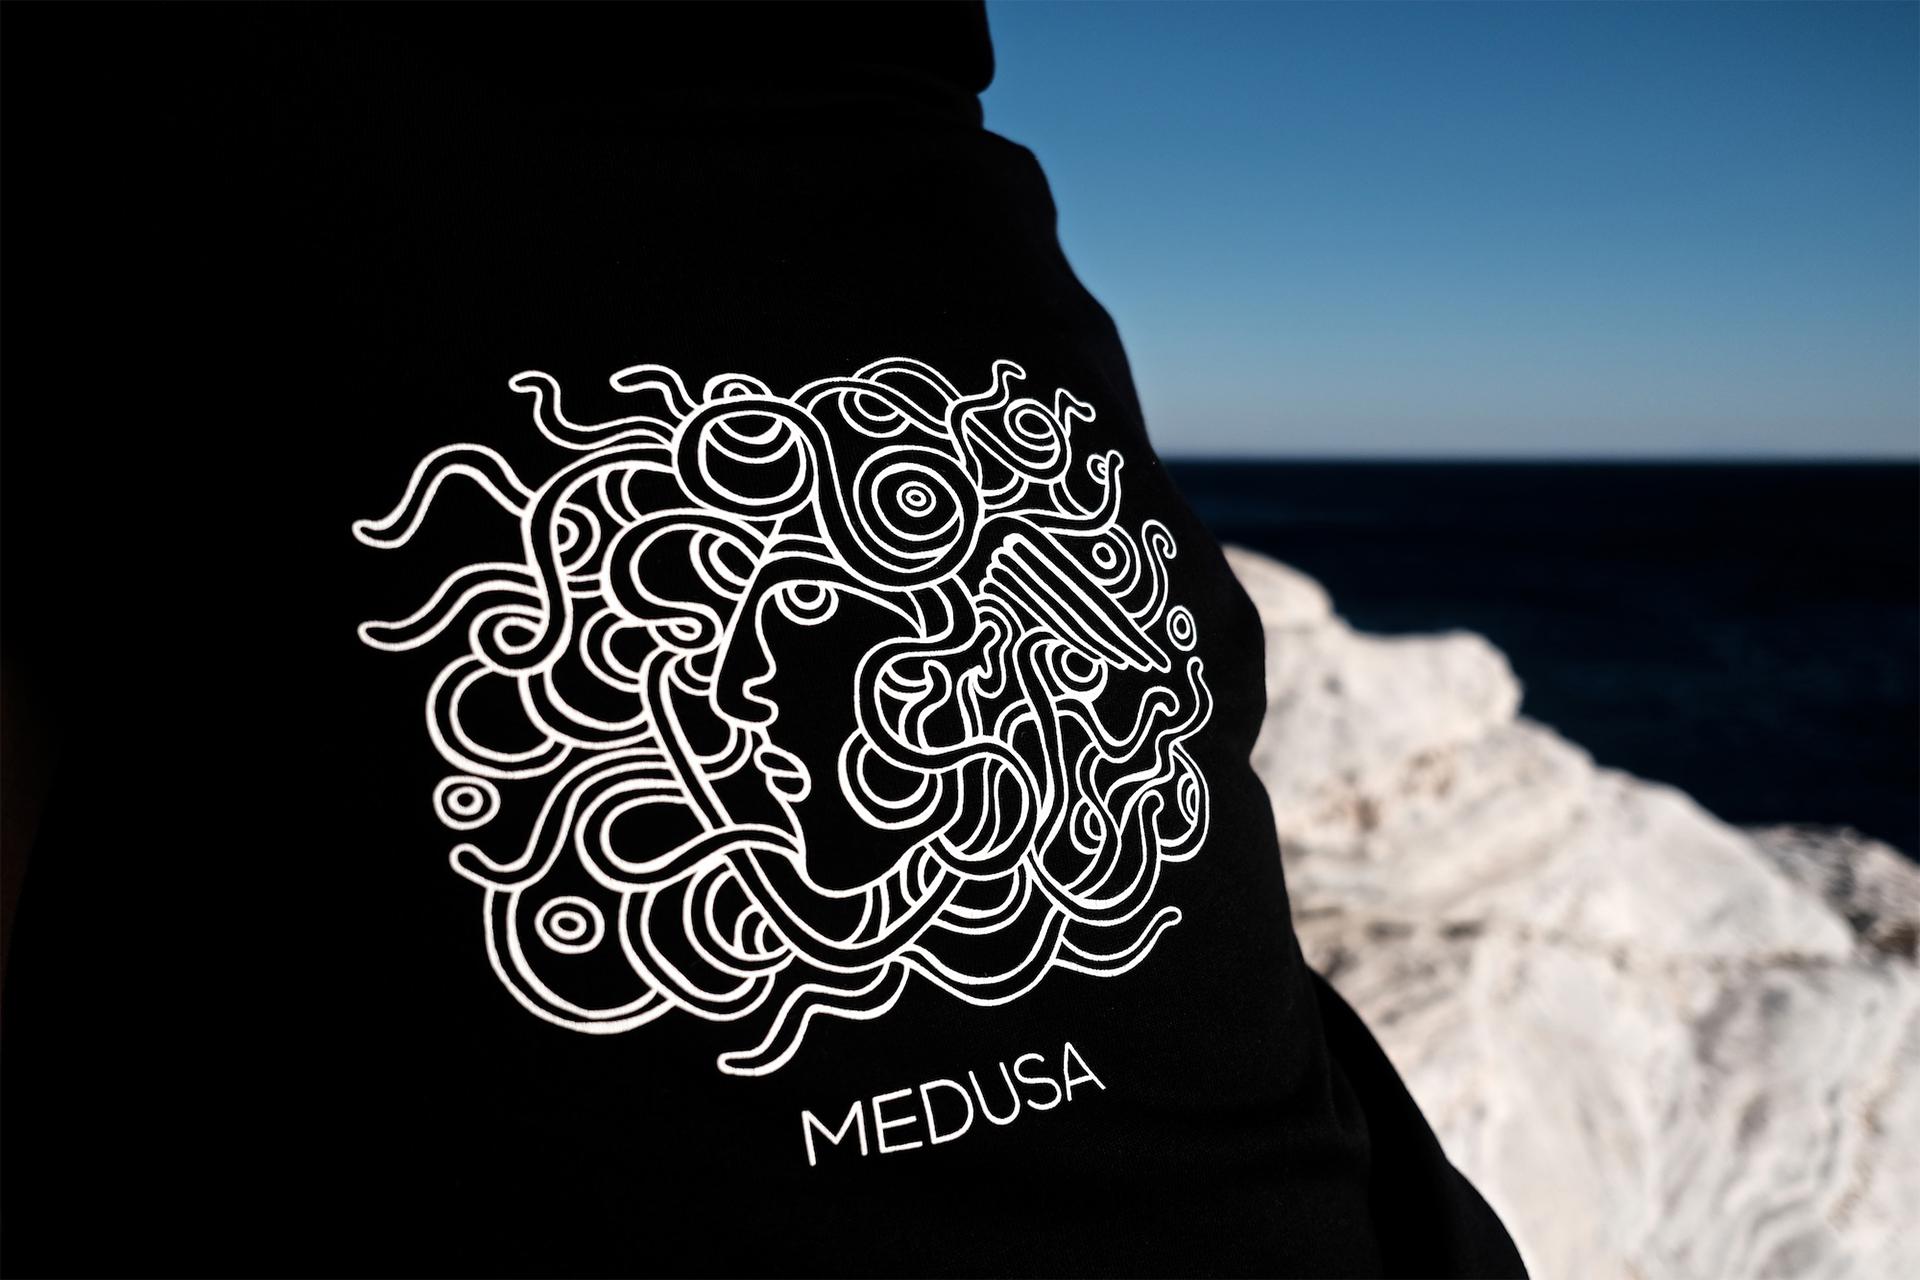 Medusa_2